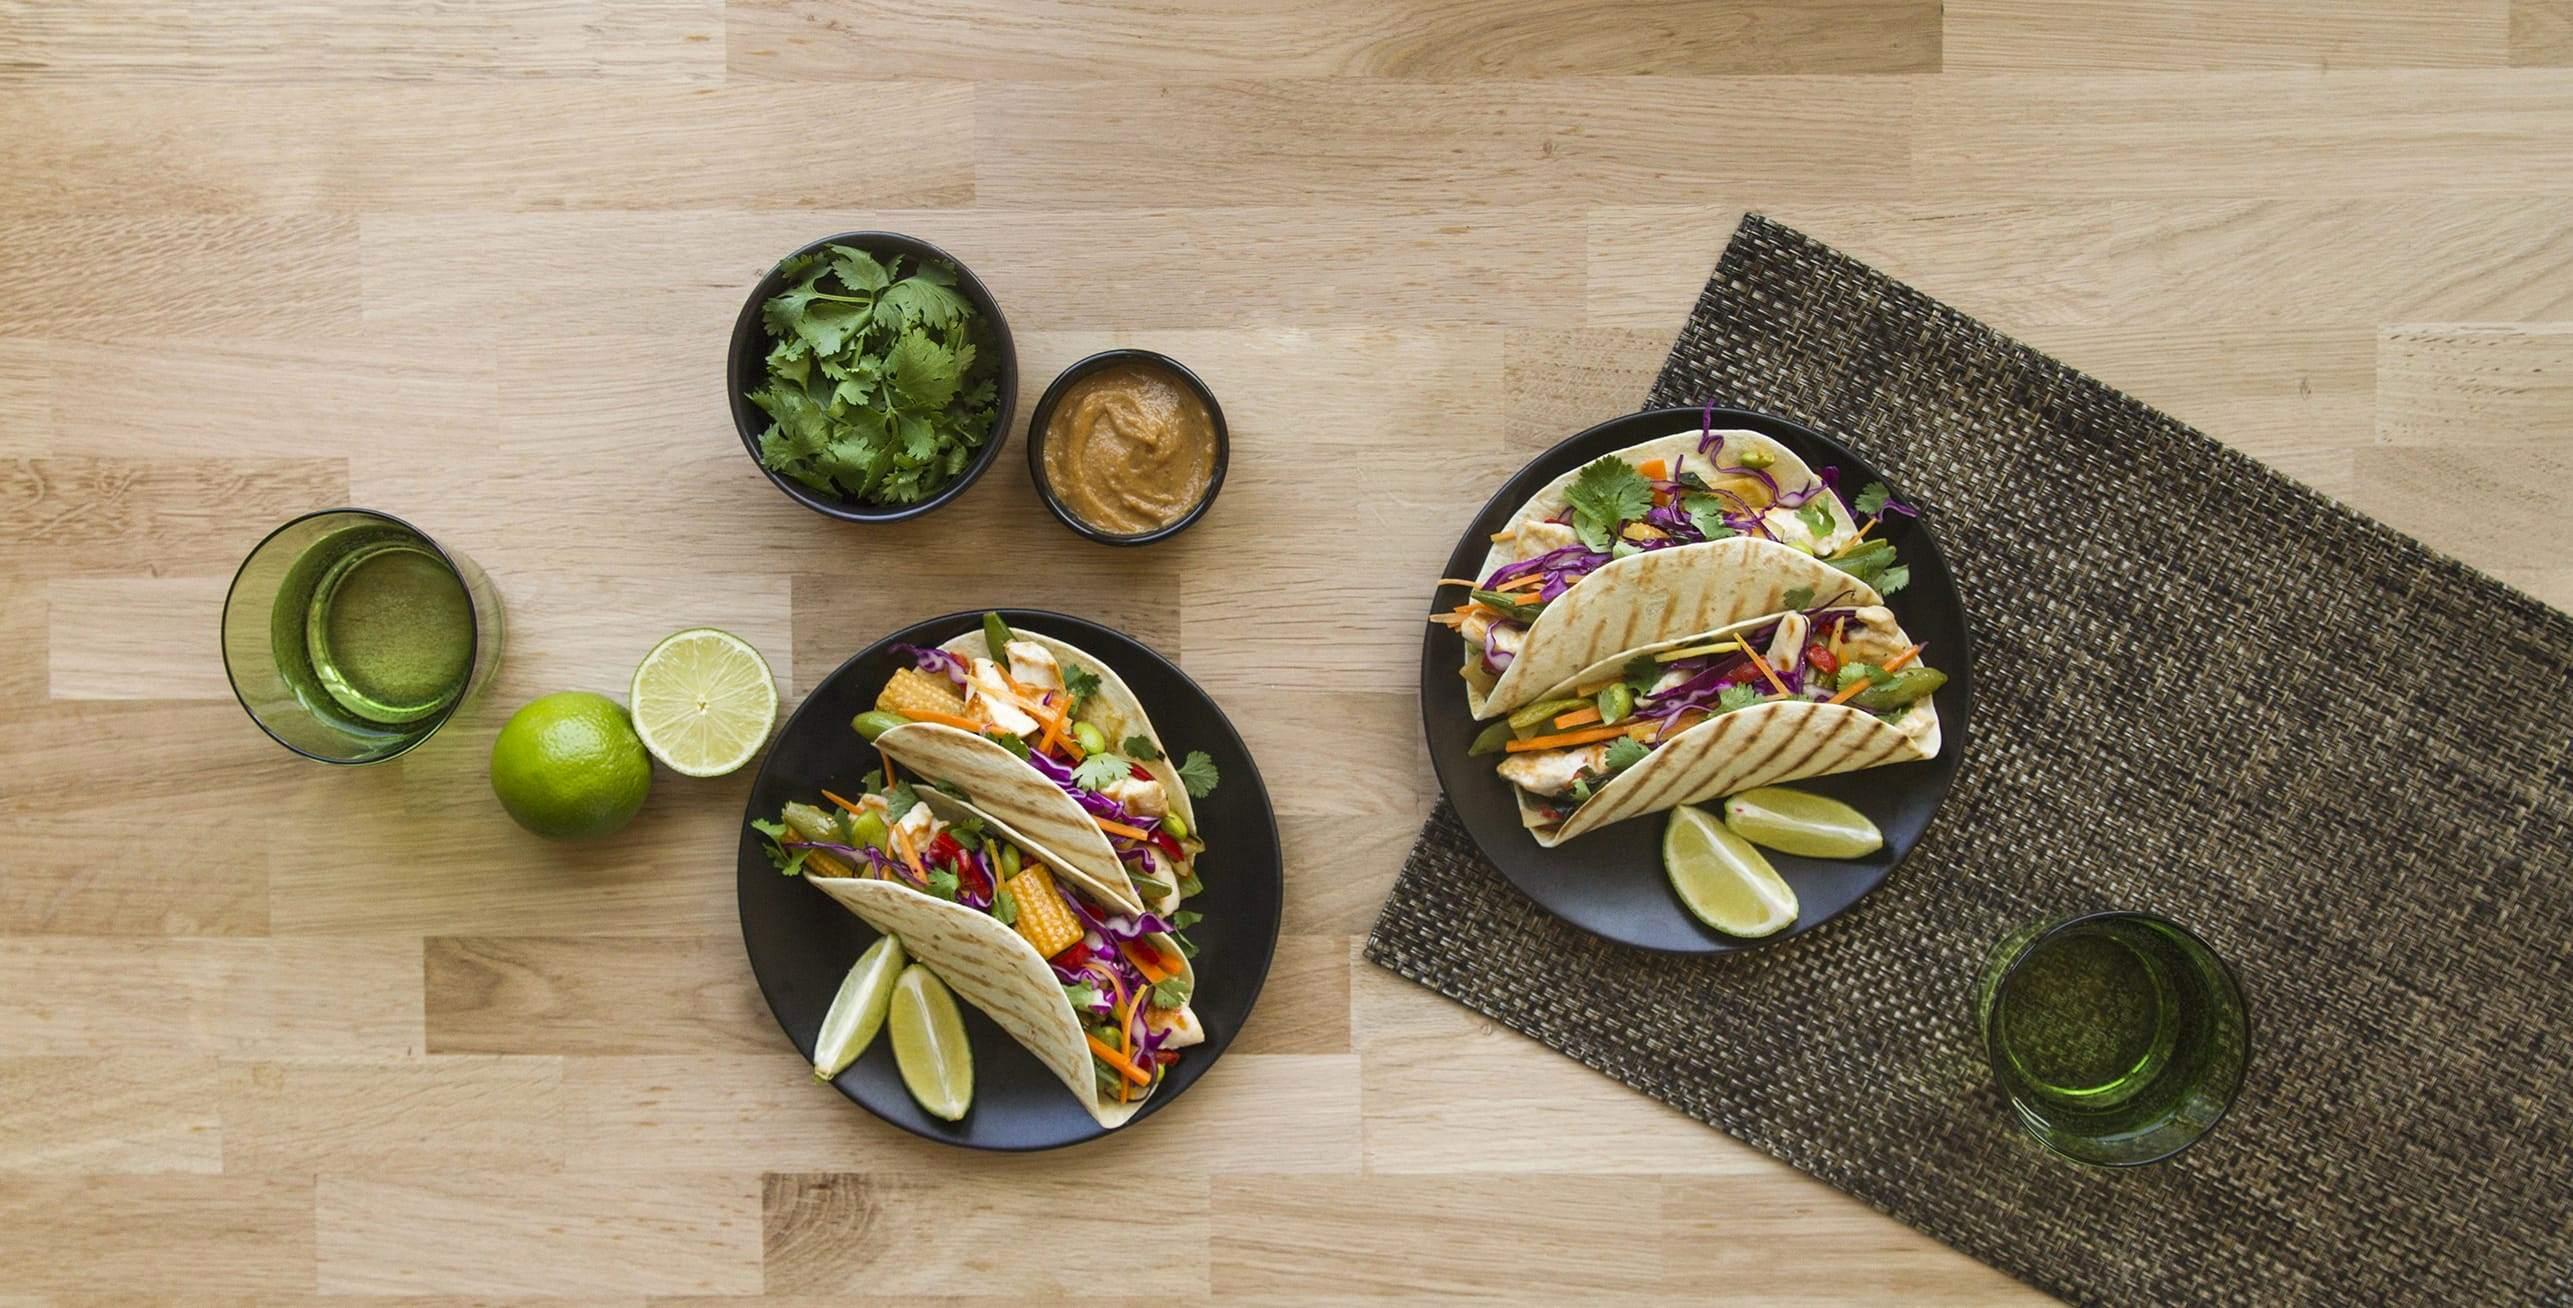 Jeux De Sara Cuisine Meilleur De Photos Jeux De Cuisine Avec Sara Gracieux Tacos Tha¯ Au Poulet Tendre Tacos